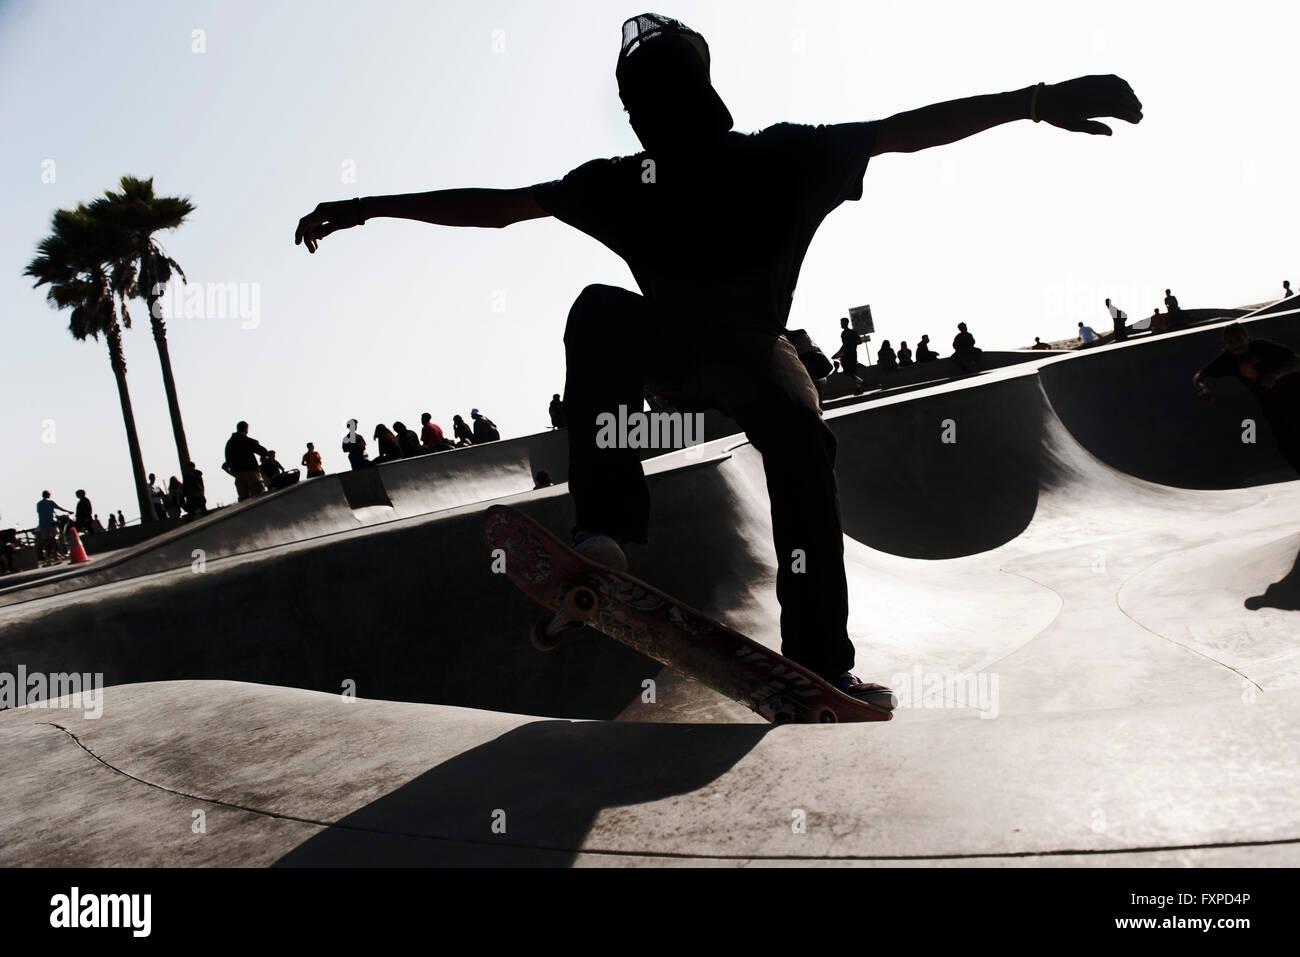 Jeune homme en skateboard skate park Photo Stock